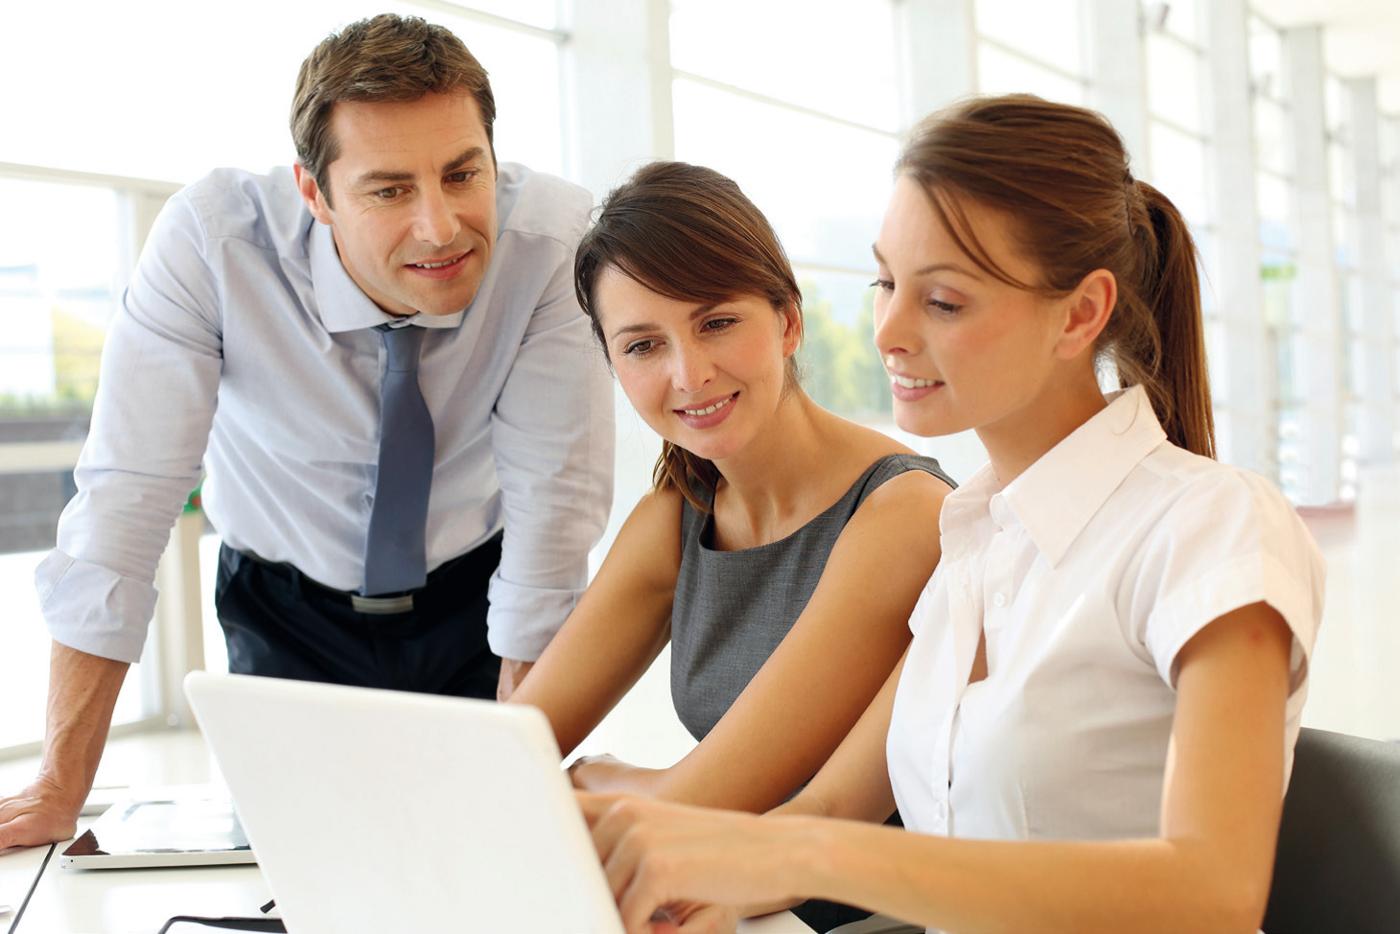 Mitarbeiter (m/w/d) Buchhaltung - Job Arnstadt - VIVISOL Home Care Services - Post offer form